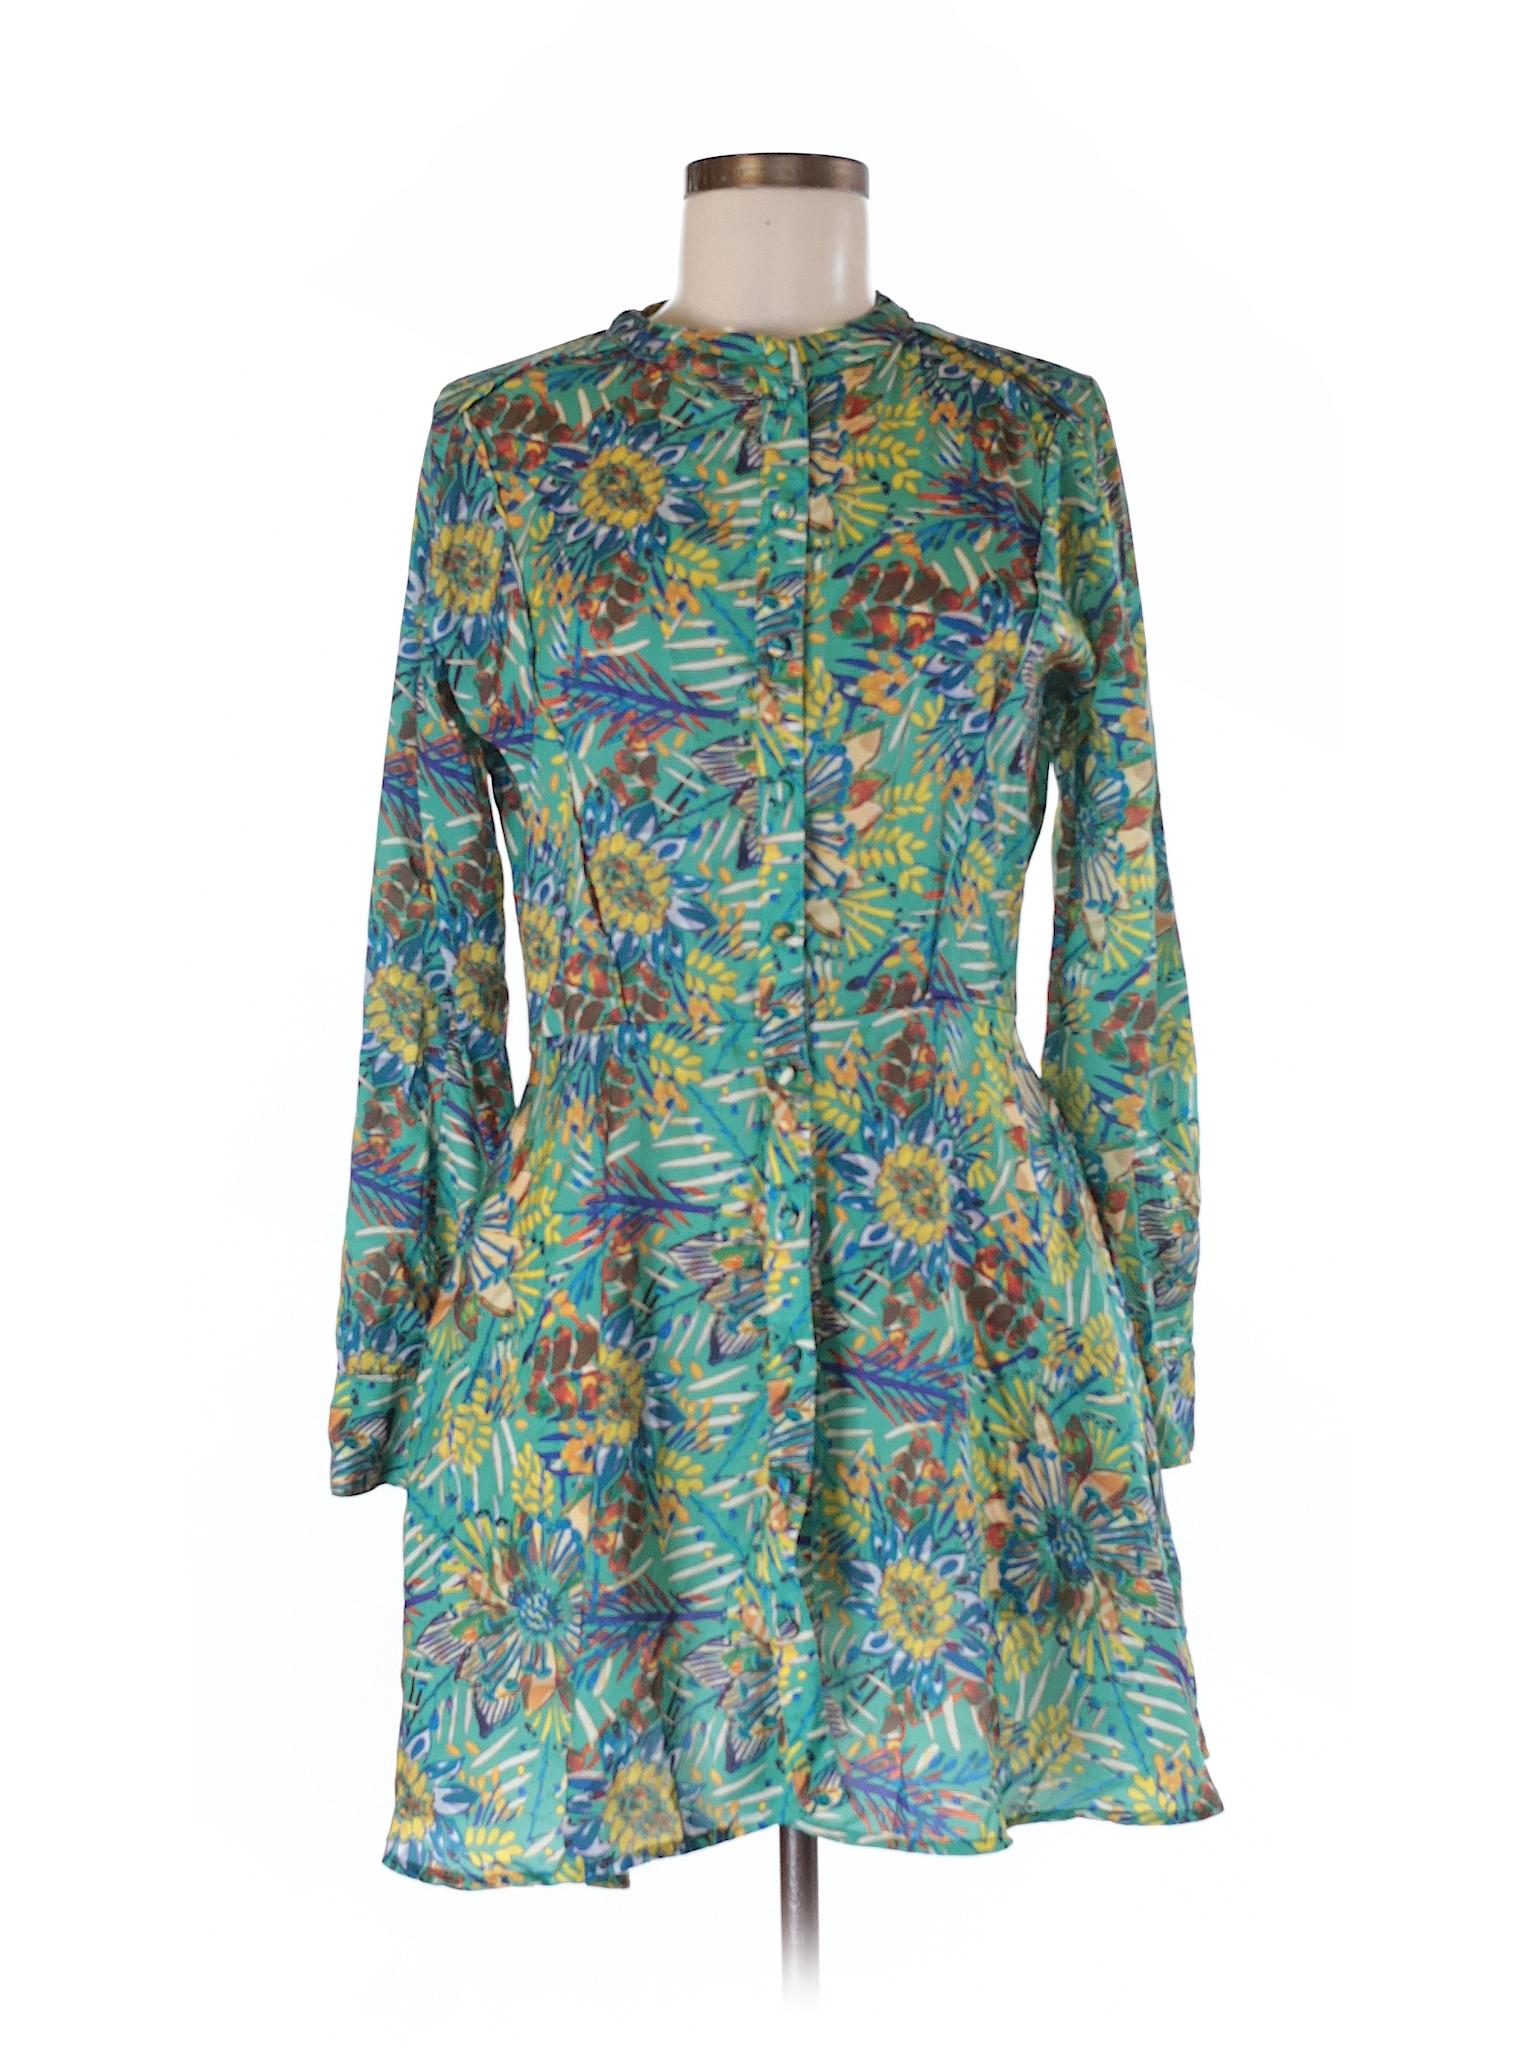 Casual Alex Selling Casual Alex Alex Selling Dress Alex 6Rx5wY5